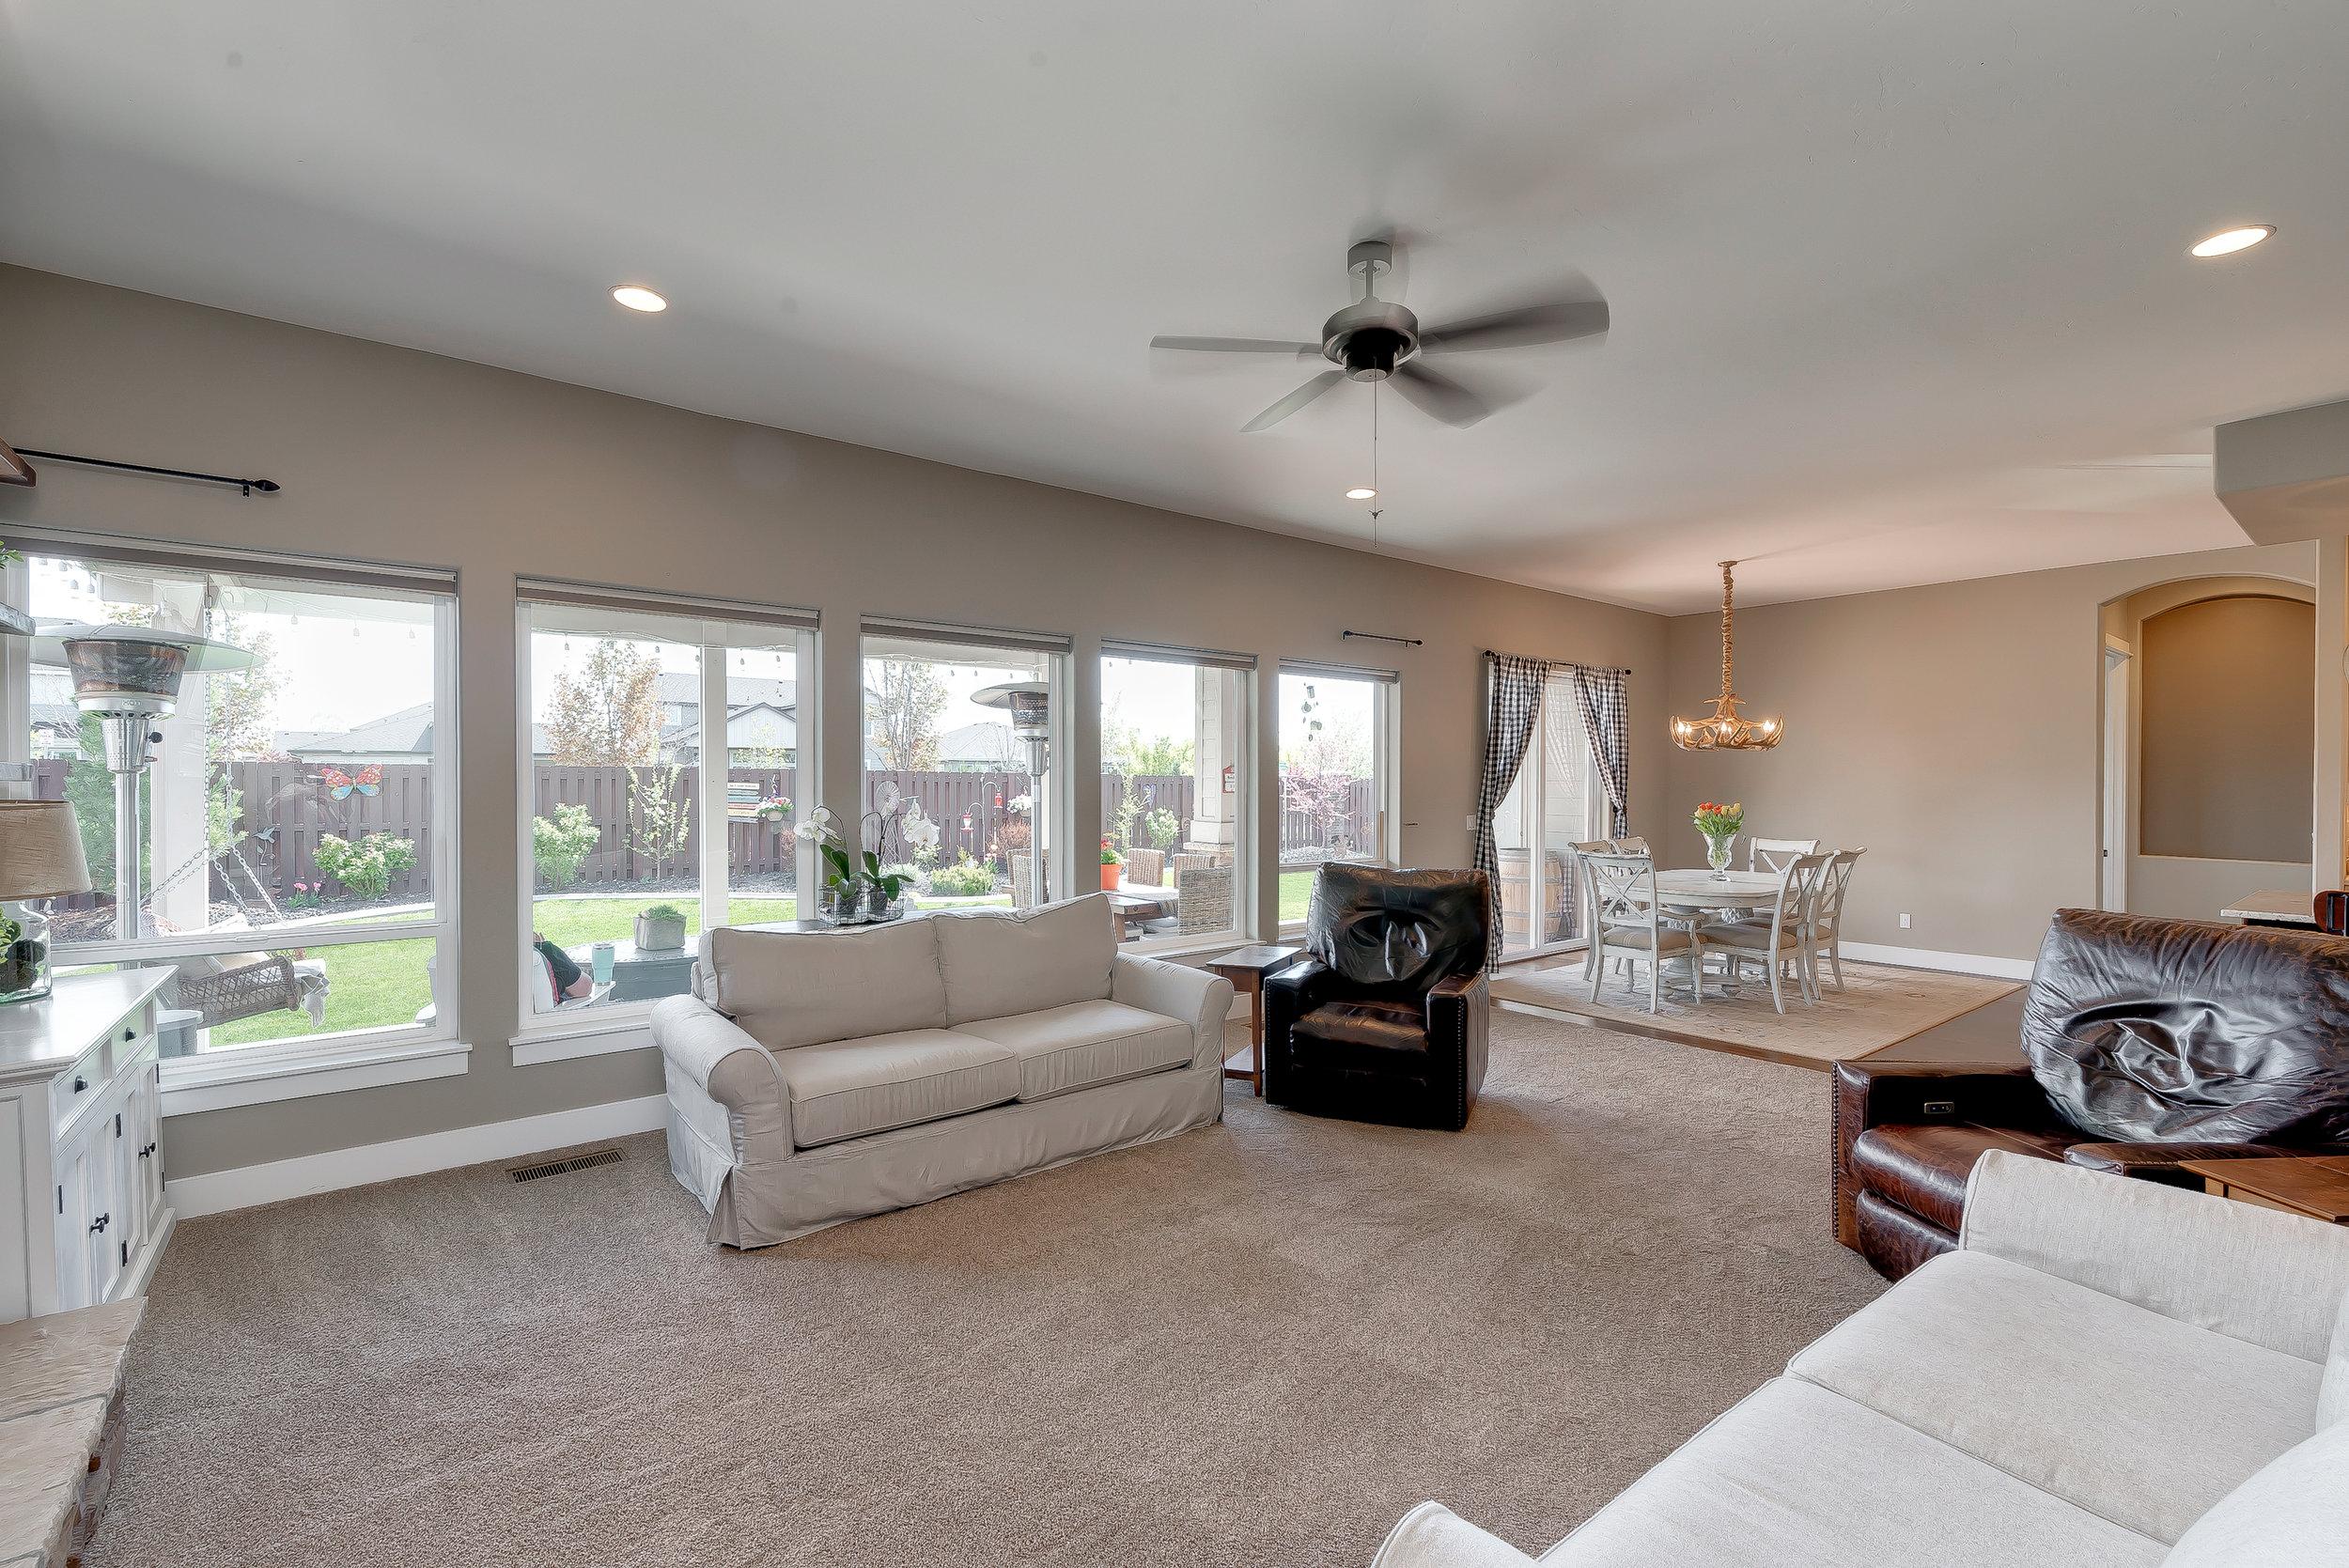 22-Living Room.jpg